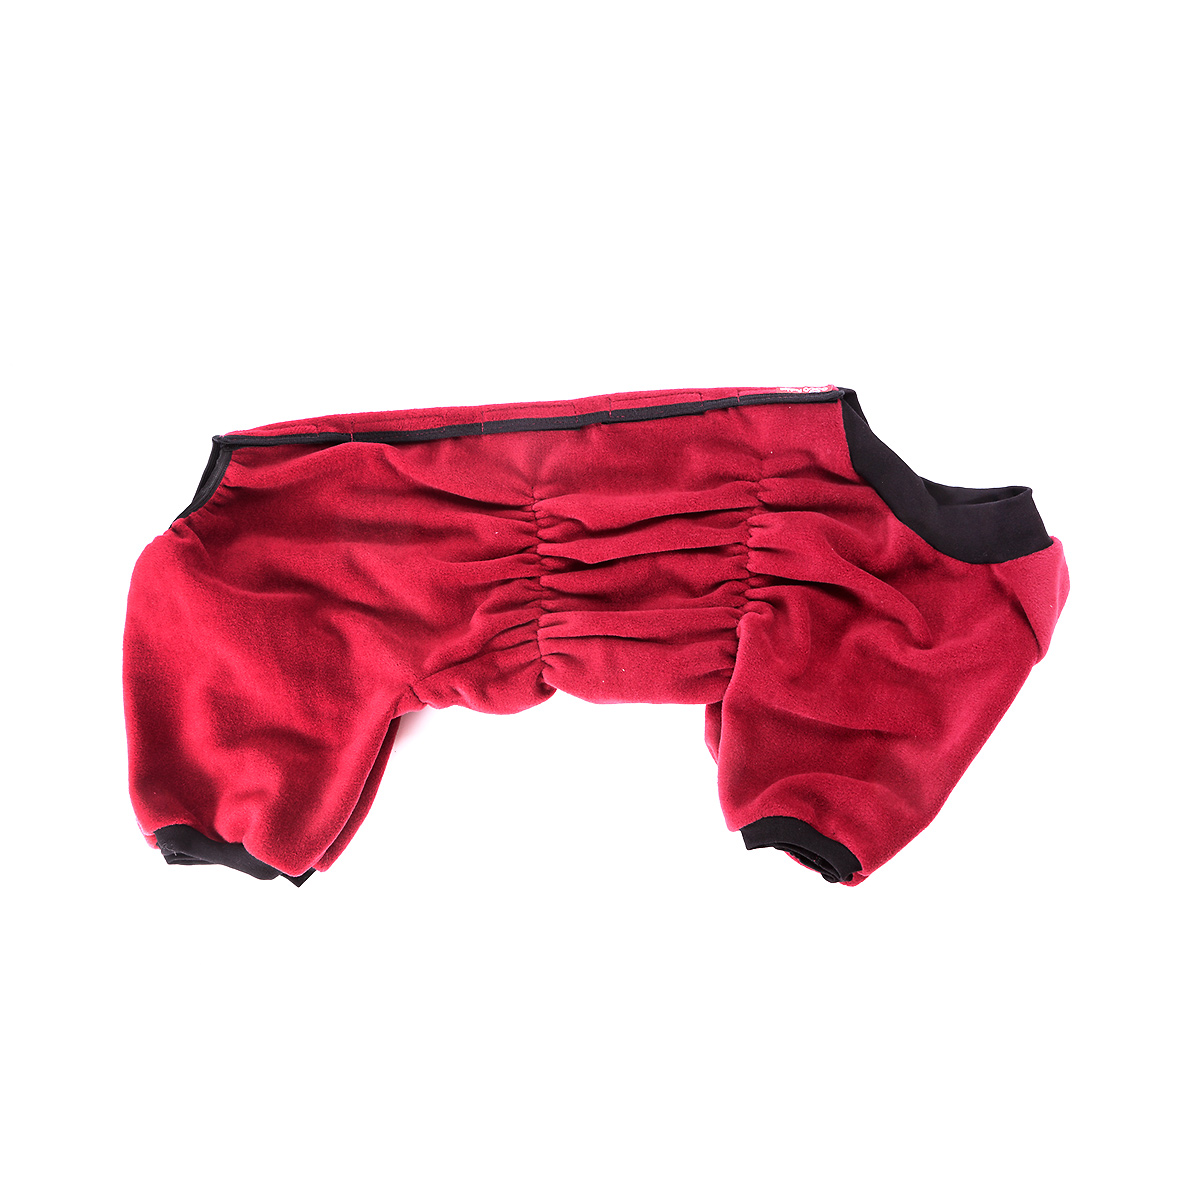 Комбинезон для собак OSSO Fashion, для девочки, цвет: бордовый. Размер 45Кф-1015Комбинезон для собак OSSO Fashion выполнен из флиса. Комфортная посадка по корпусу достигается за счет резинок-утяжек под грудью и животом. На воротнике имеются завязки, для дополнительной фиксации. Можно носить самостоятельно и как поддевку под комбинезон для собак. Изделие отлично стирается, быстро сохнет.Длина спинки: 45 см. Объем груди: 56-66 см.Одежда для собак: нужна ли она и как её выбрать. Статья OZON Гид